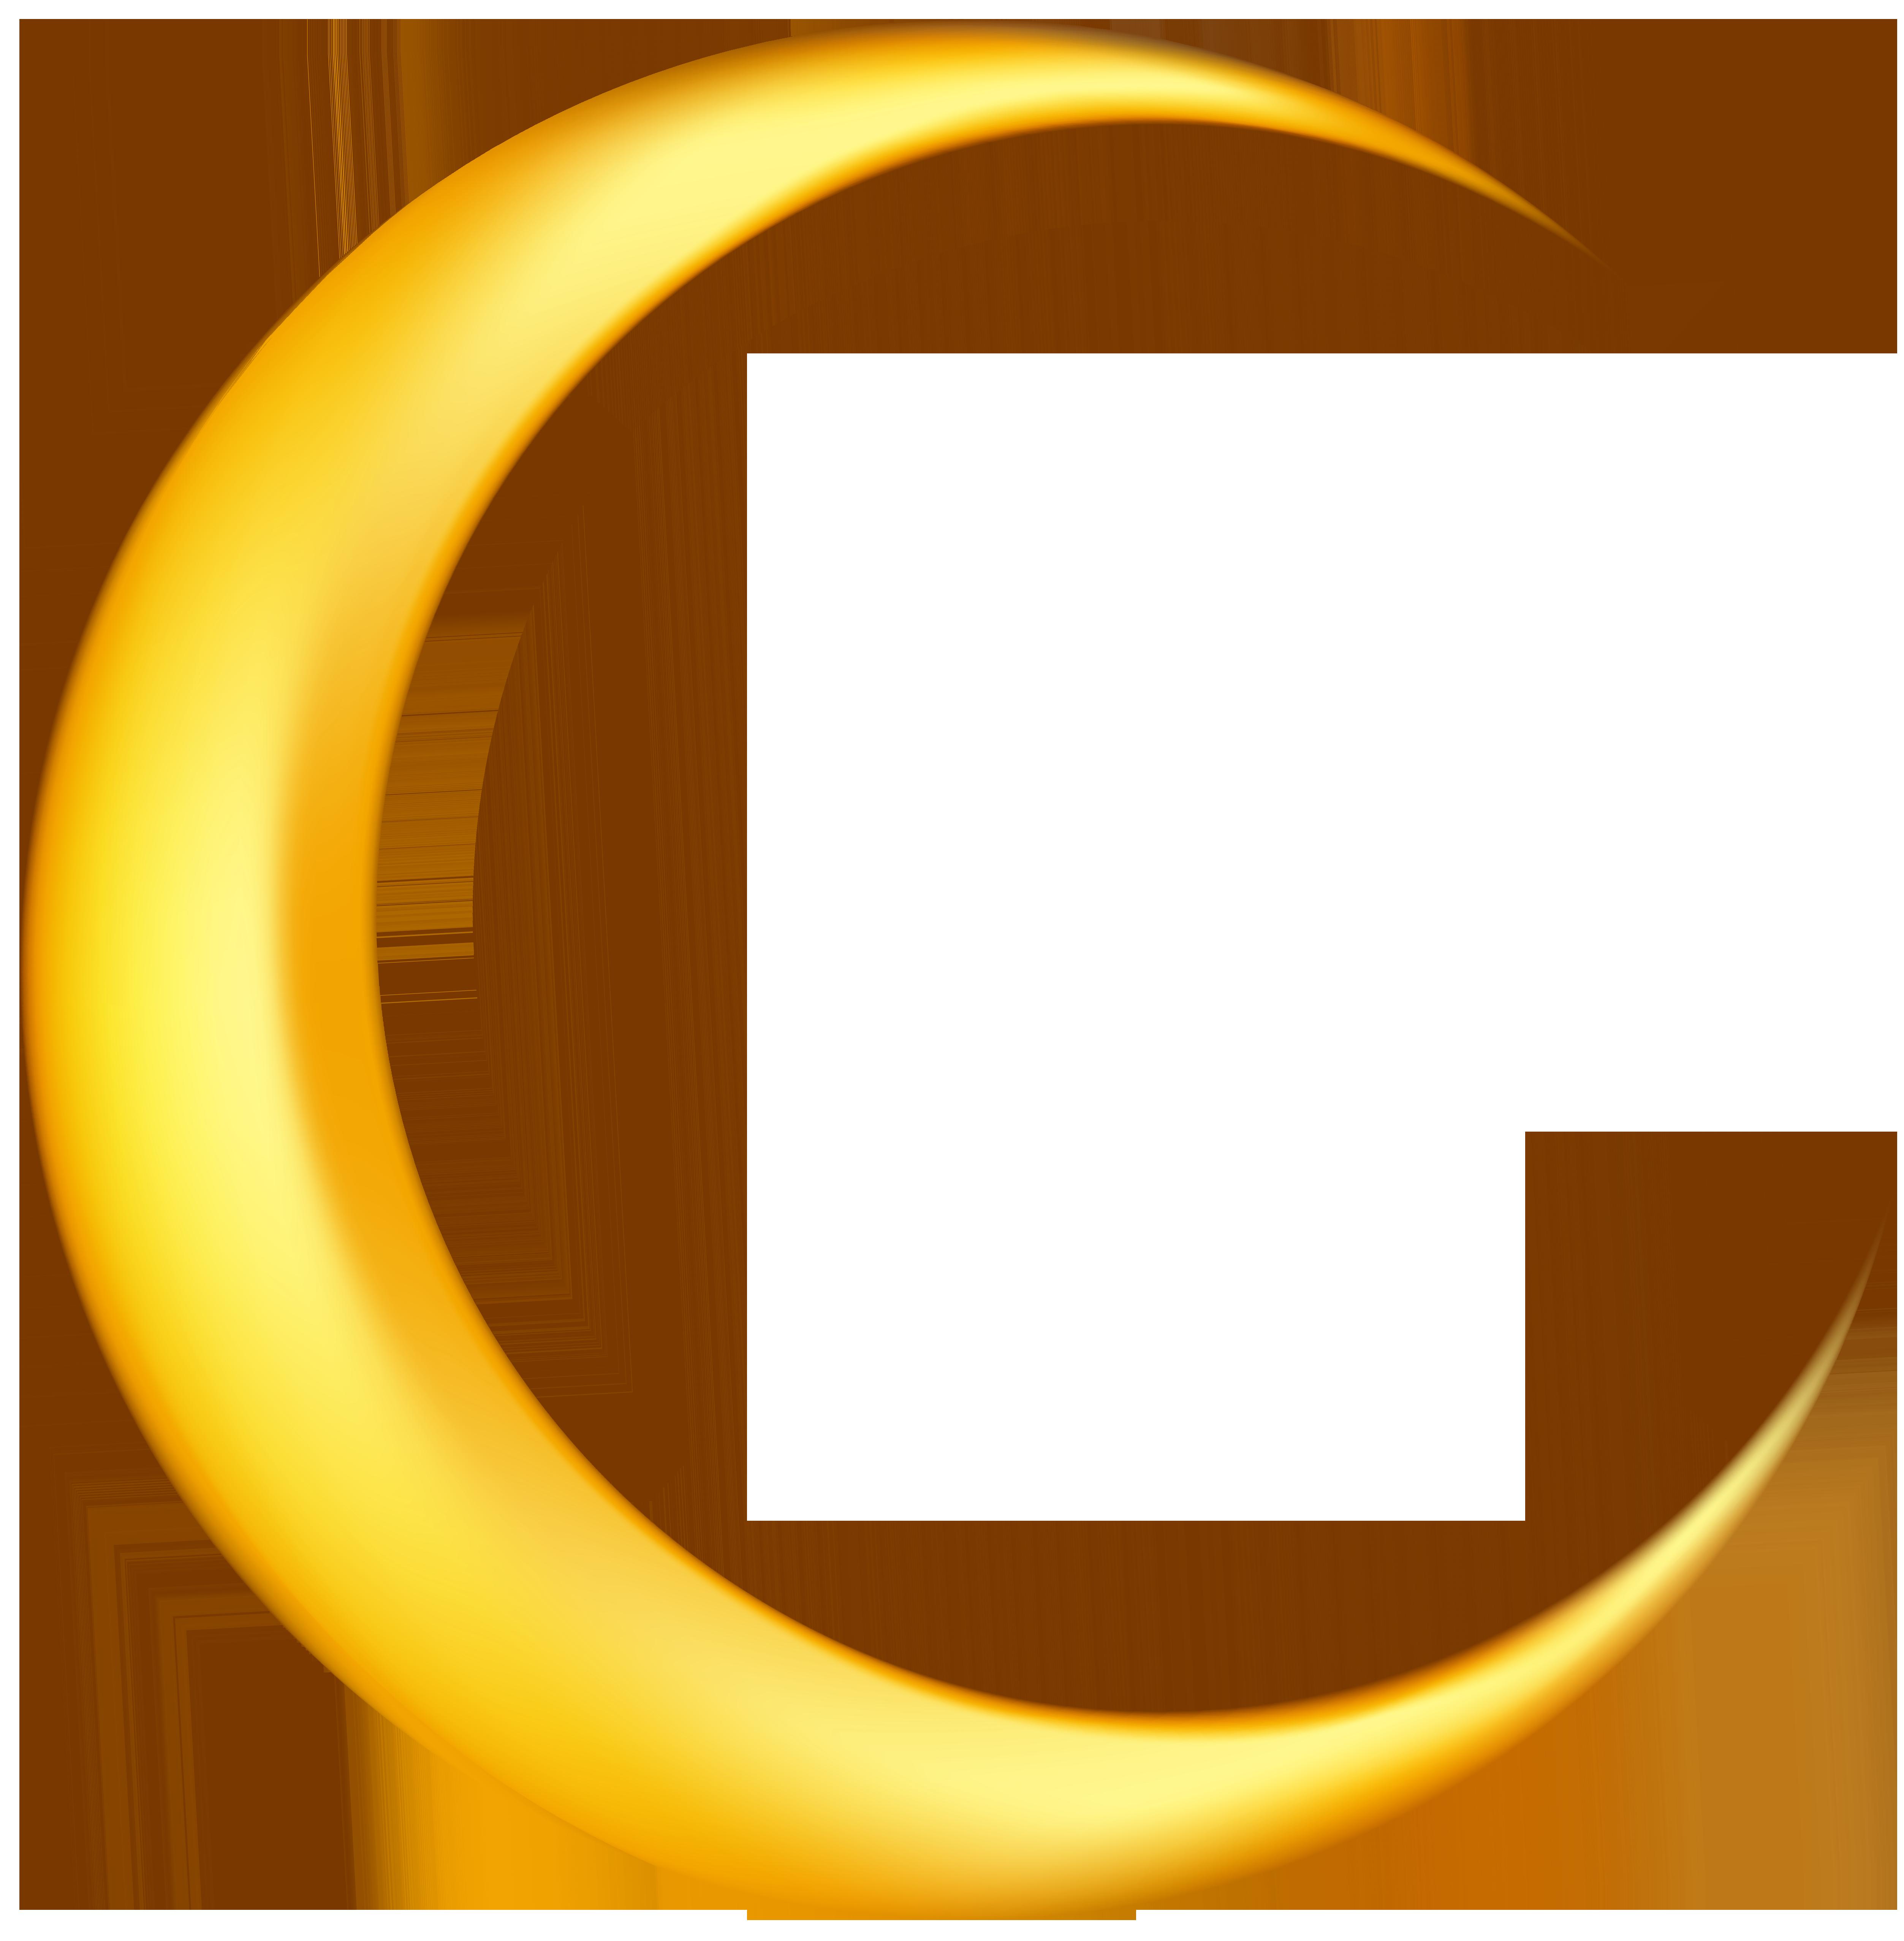 Crescent moon clip art.